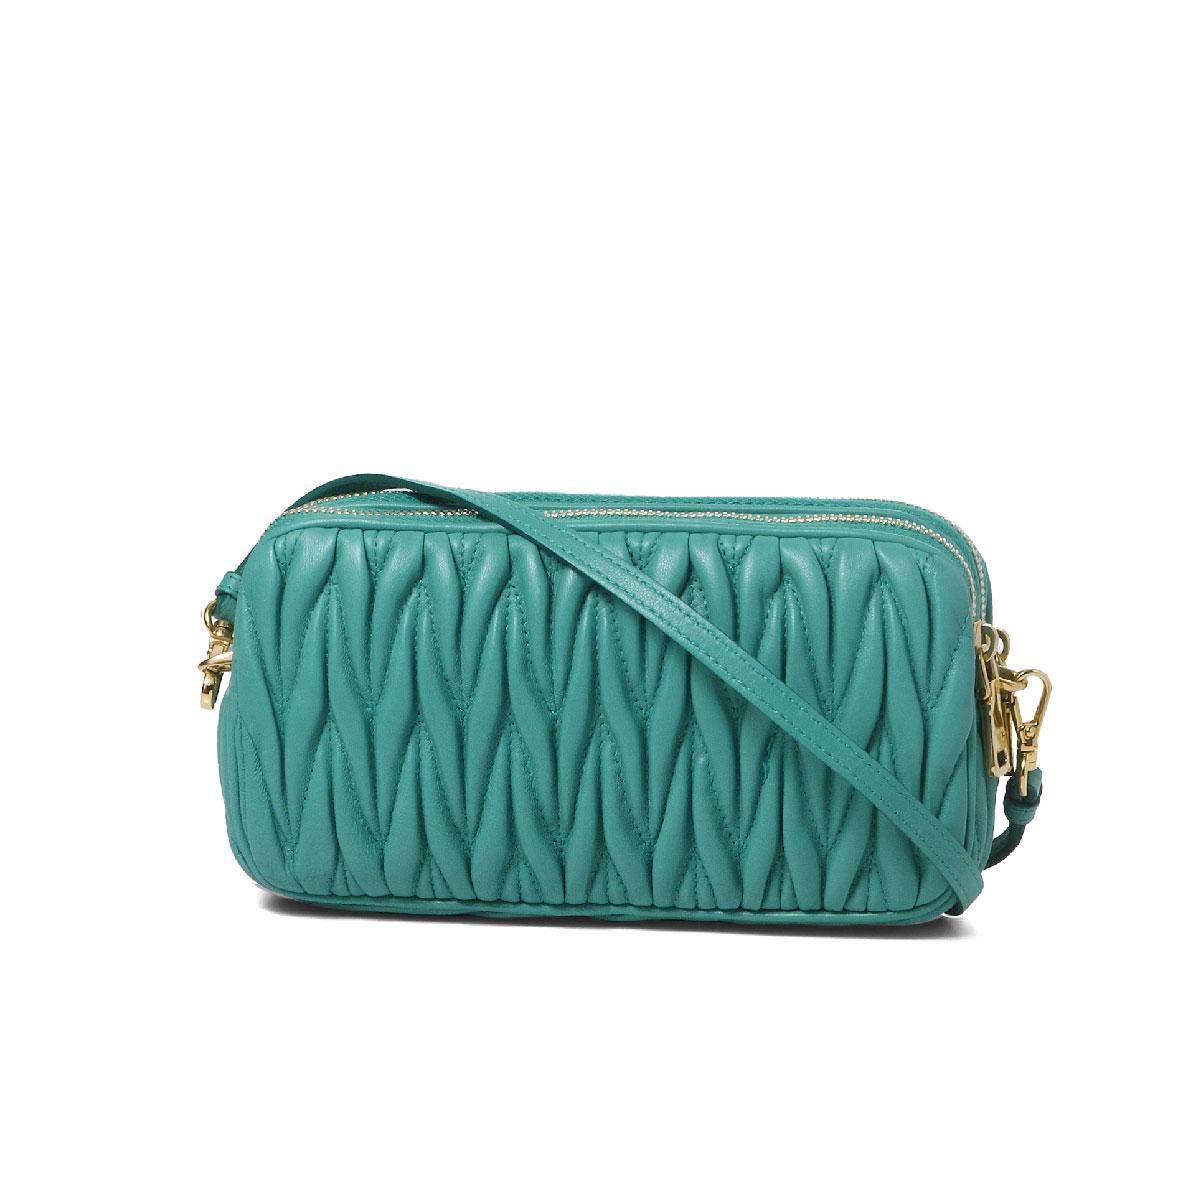 ミュウミュウ MIU MIU bag lady 5ZH011 N88 F0194 shoulder clutch bag MATELASSE  GIADA Green belonging to 6a8d5ca8a3514